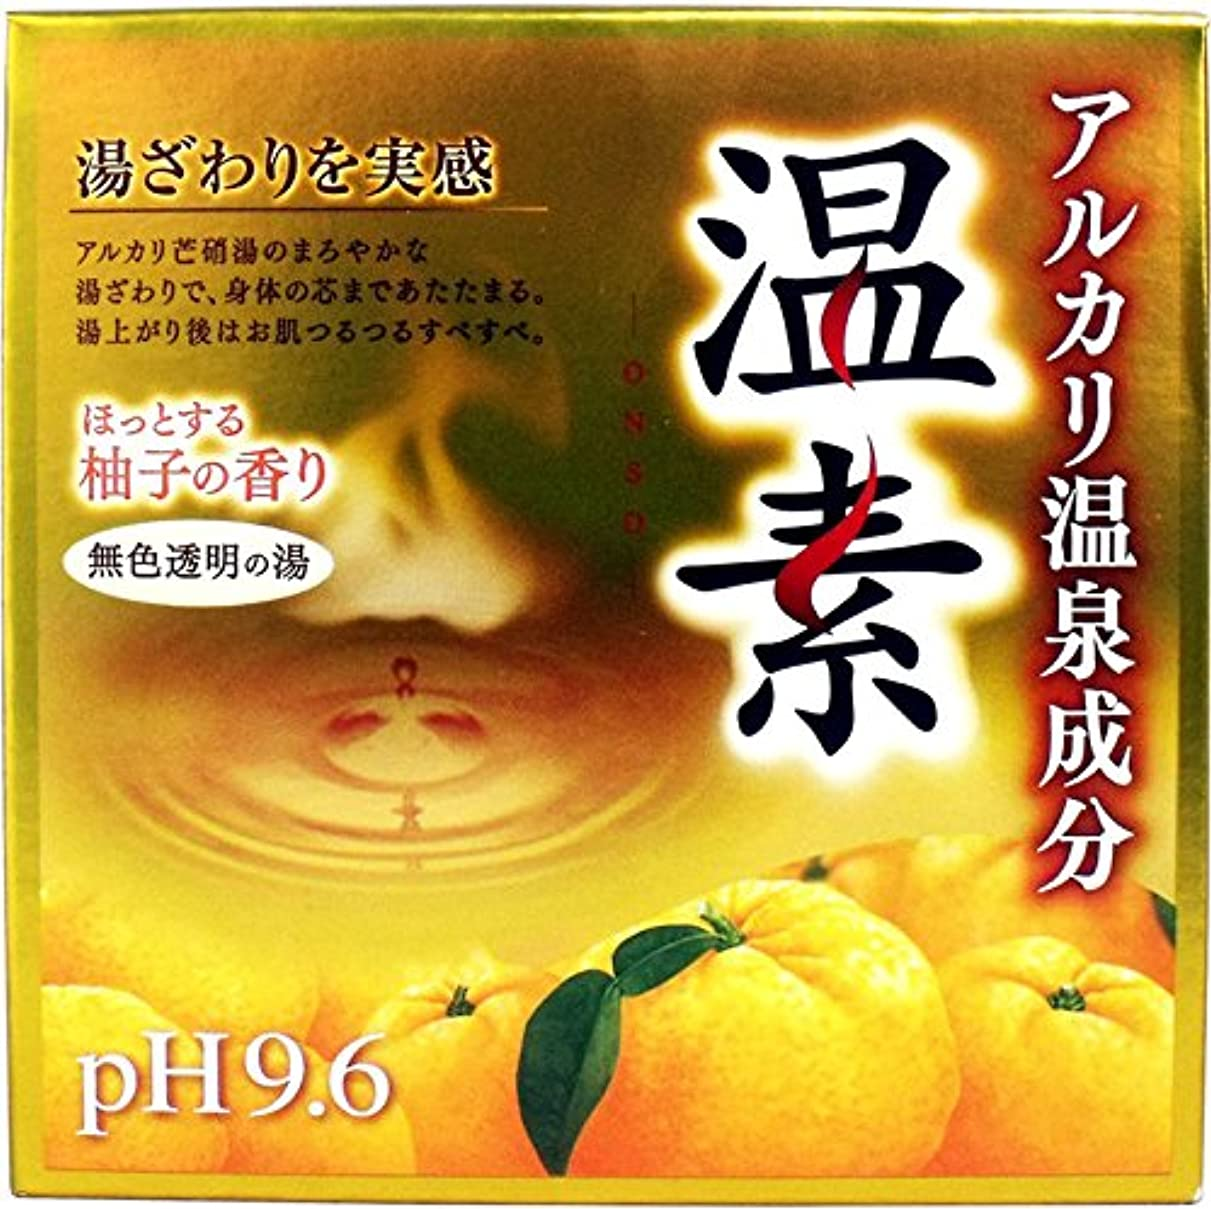 睡眠マングルシャッフルバス用品 湯ざわりを肌で実感 リラックス用品 アルカリ温泉成分 温素 入浴剤 柚子の香り 30g×15包入【5個セット】